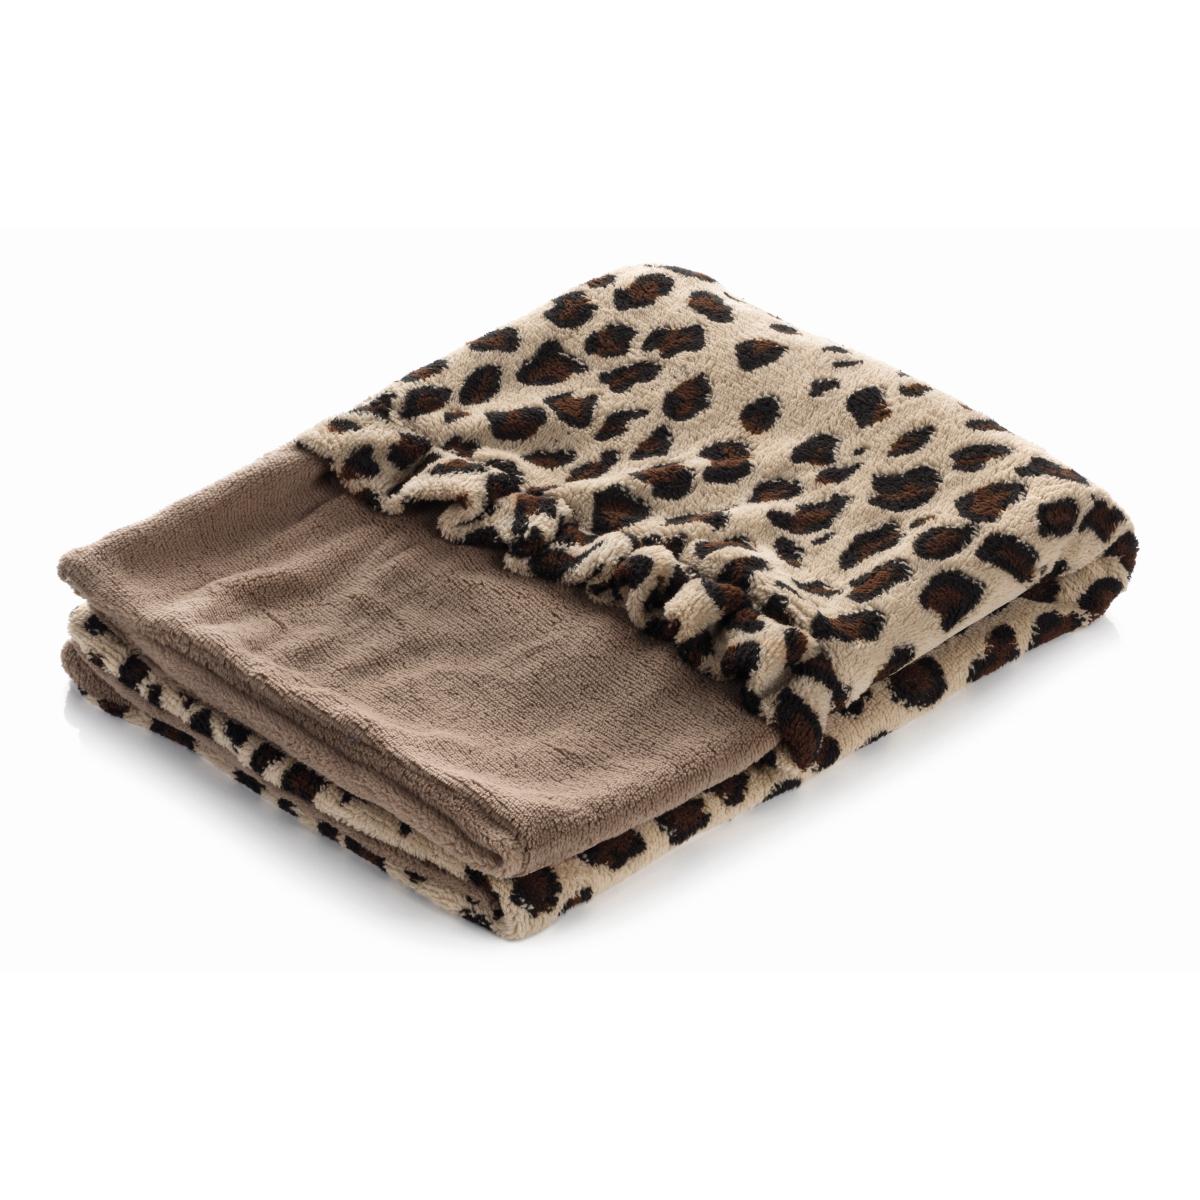 SPL SNUGGLE BED GIRAFFE 00001